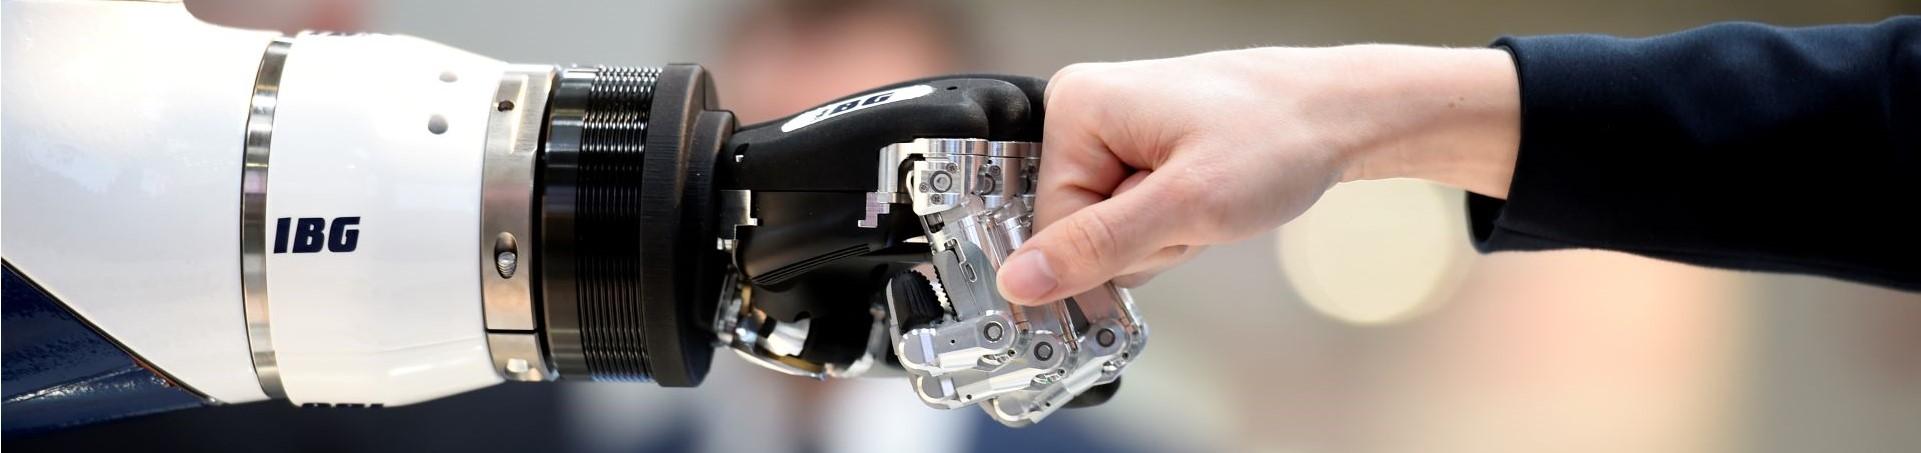 Robot hand and human hand